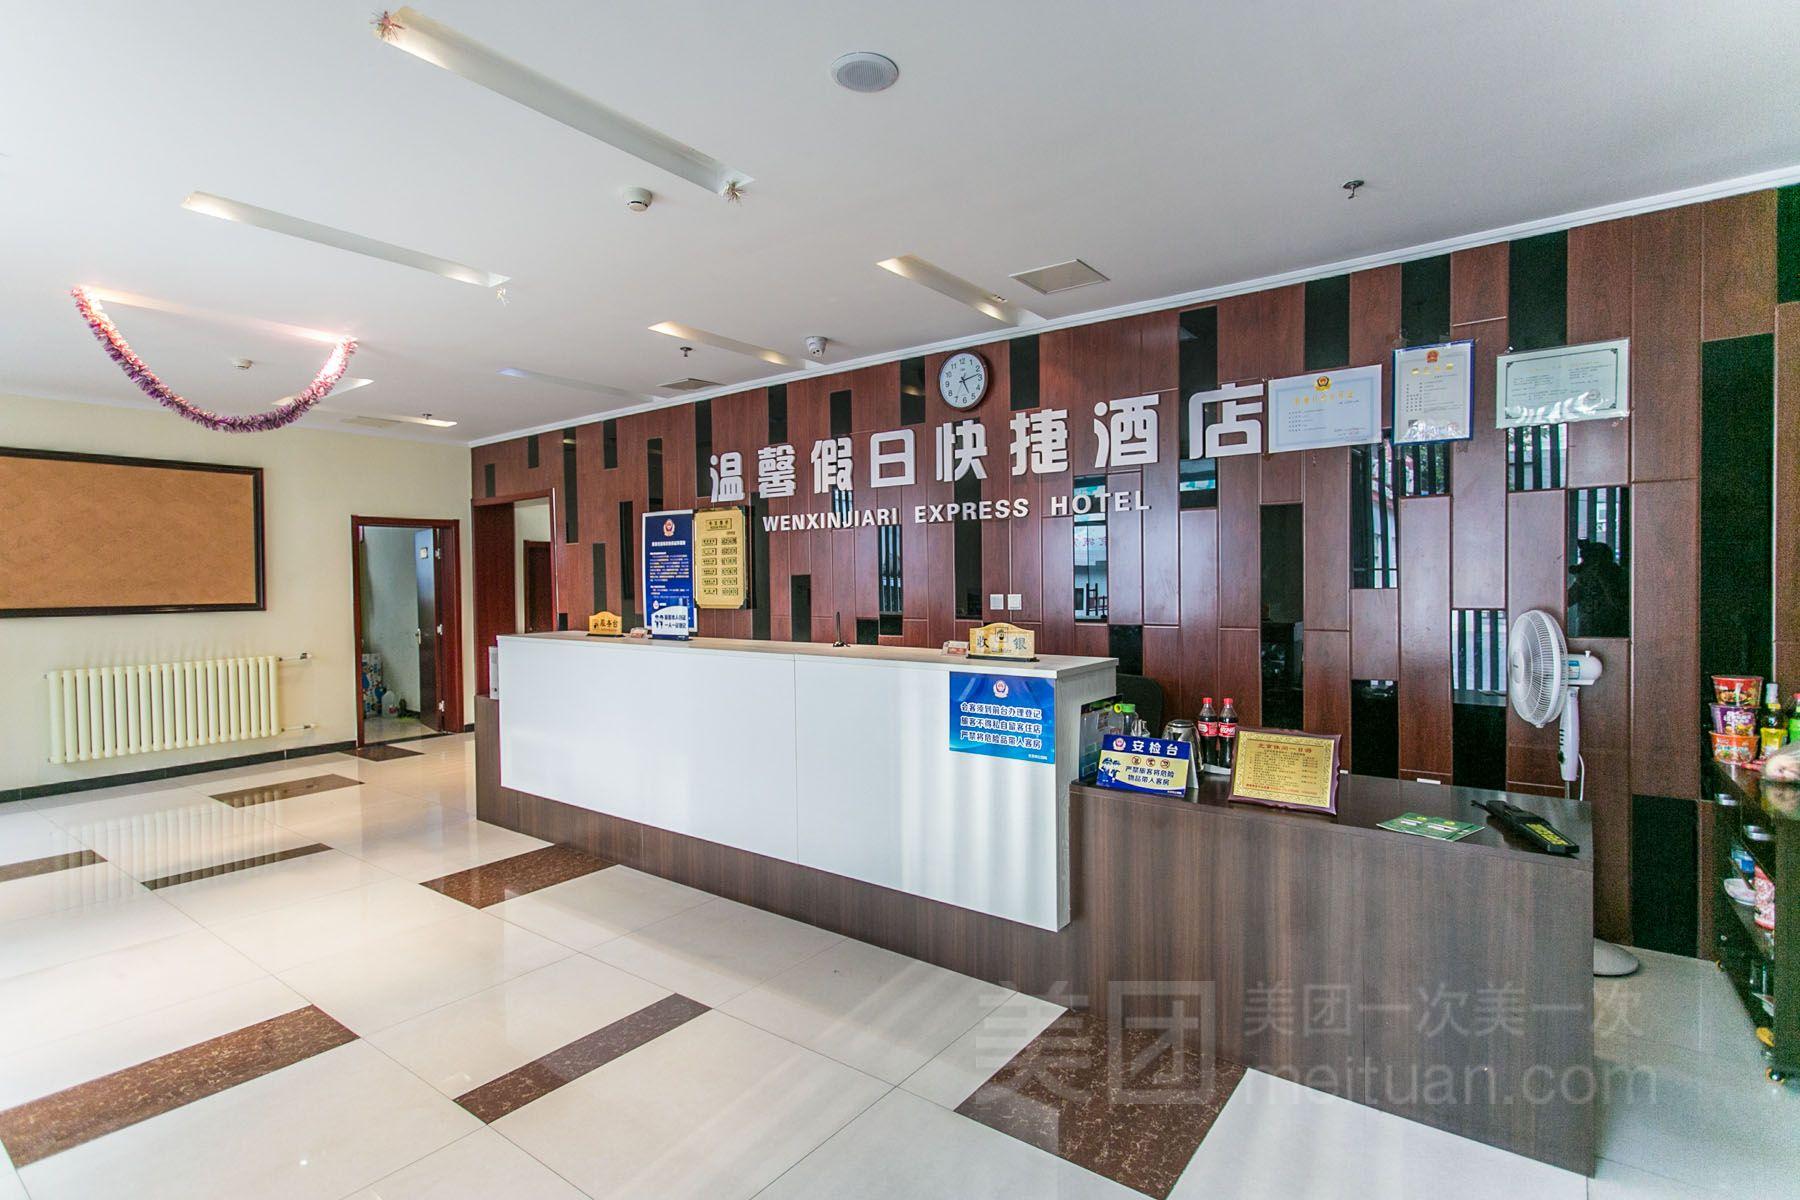 北京温馨假日快捷酒店预订/团购